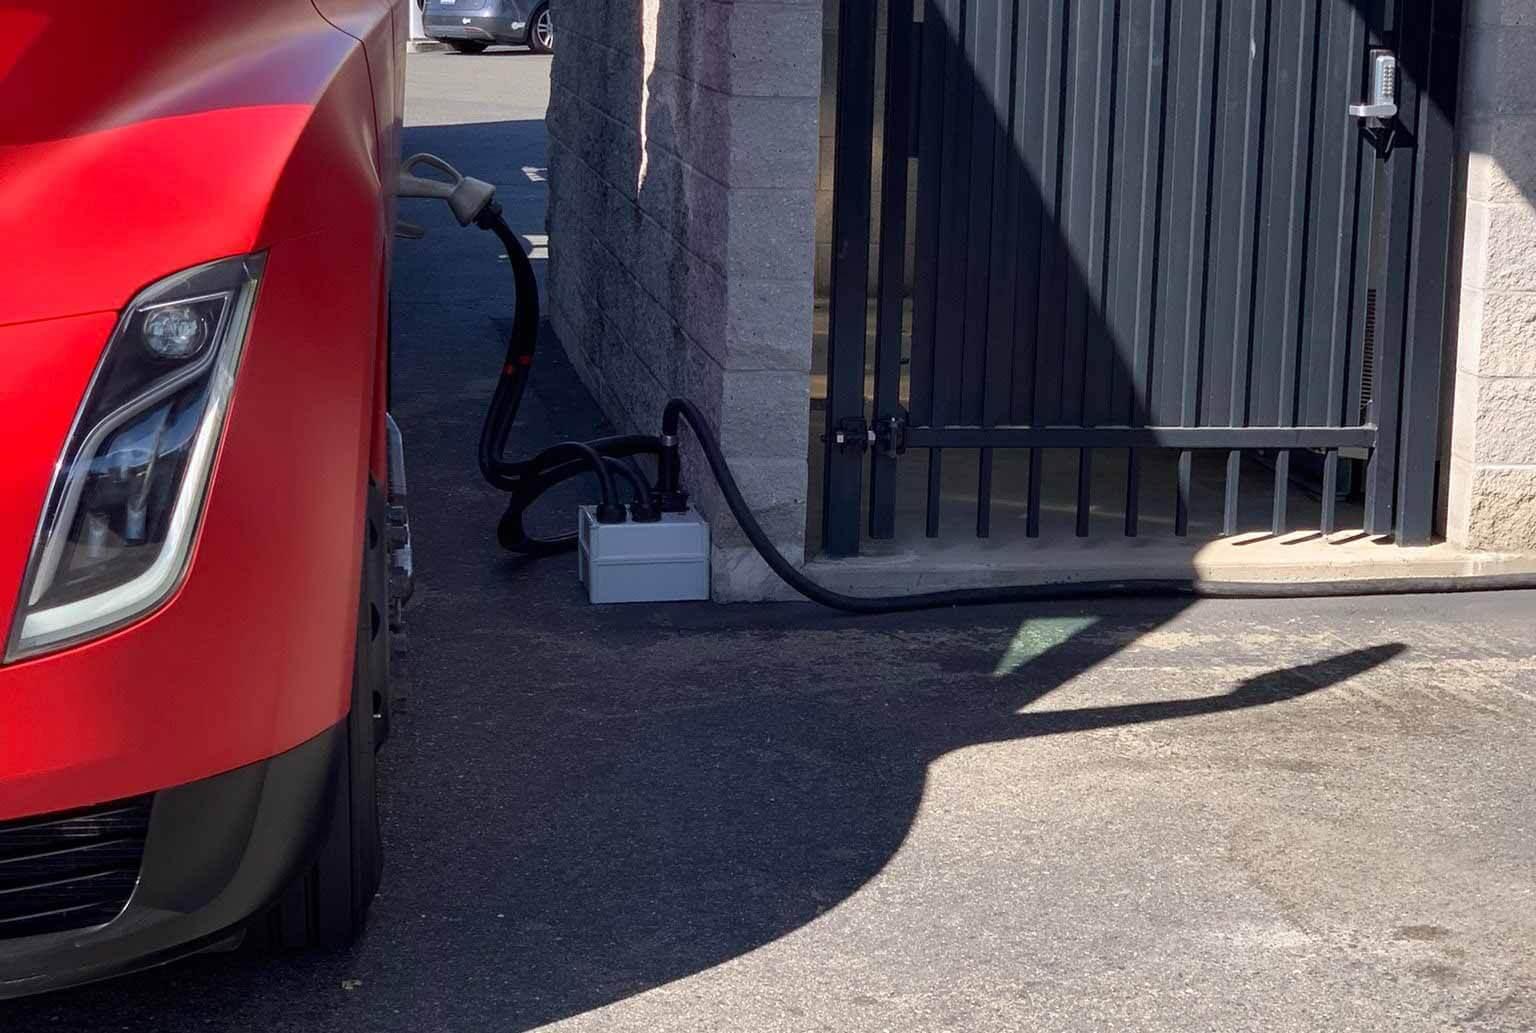 Обновленная специальная установка Megacharger Tesla Semi намекает на значительно улучшенный аккумулятор